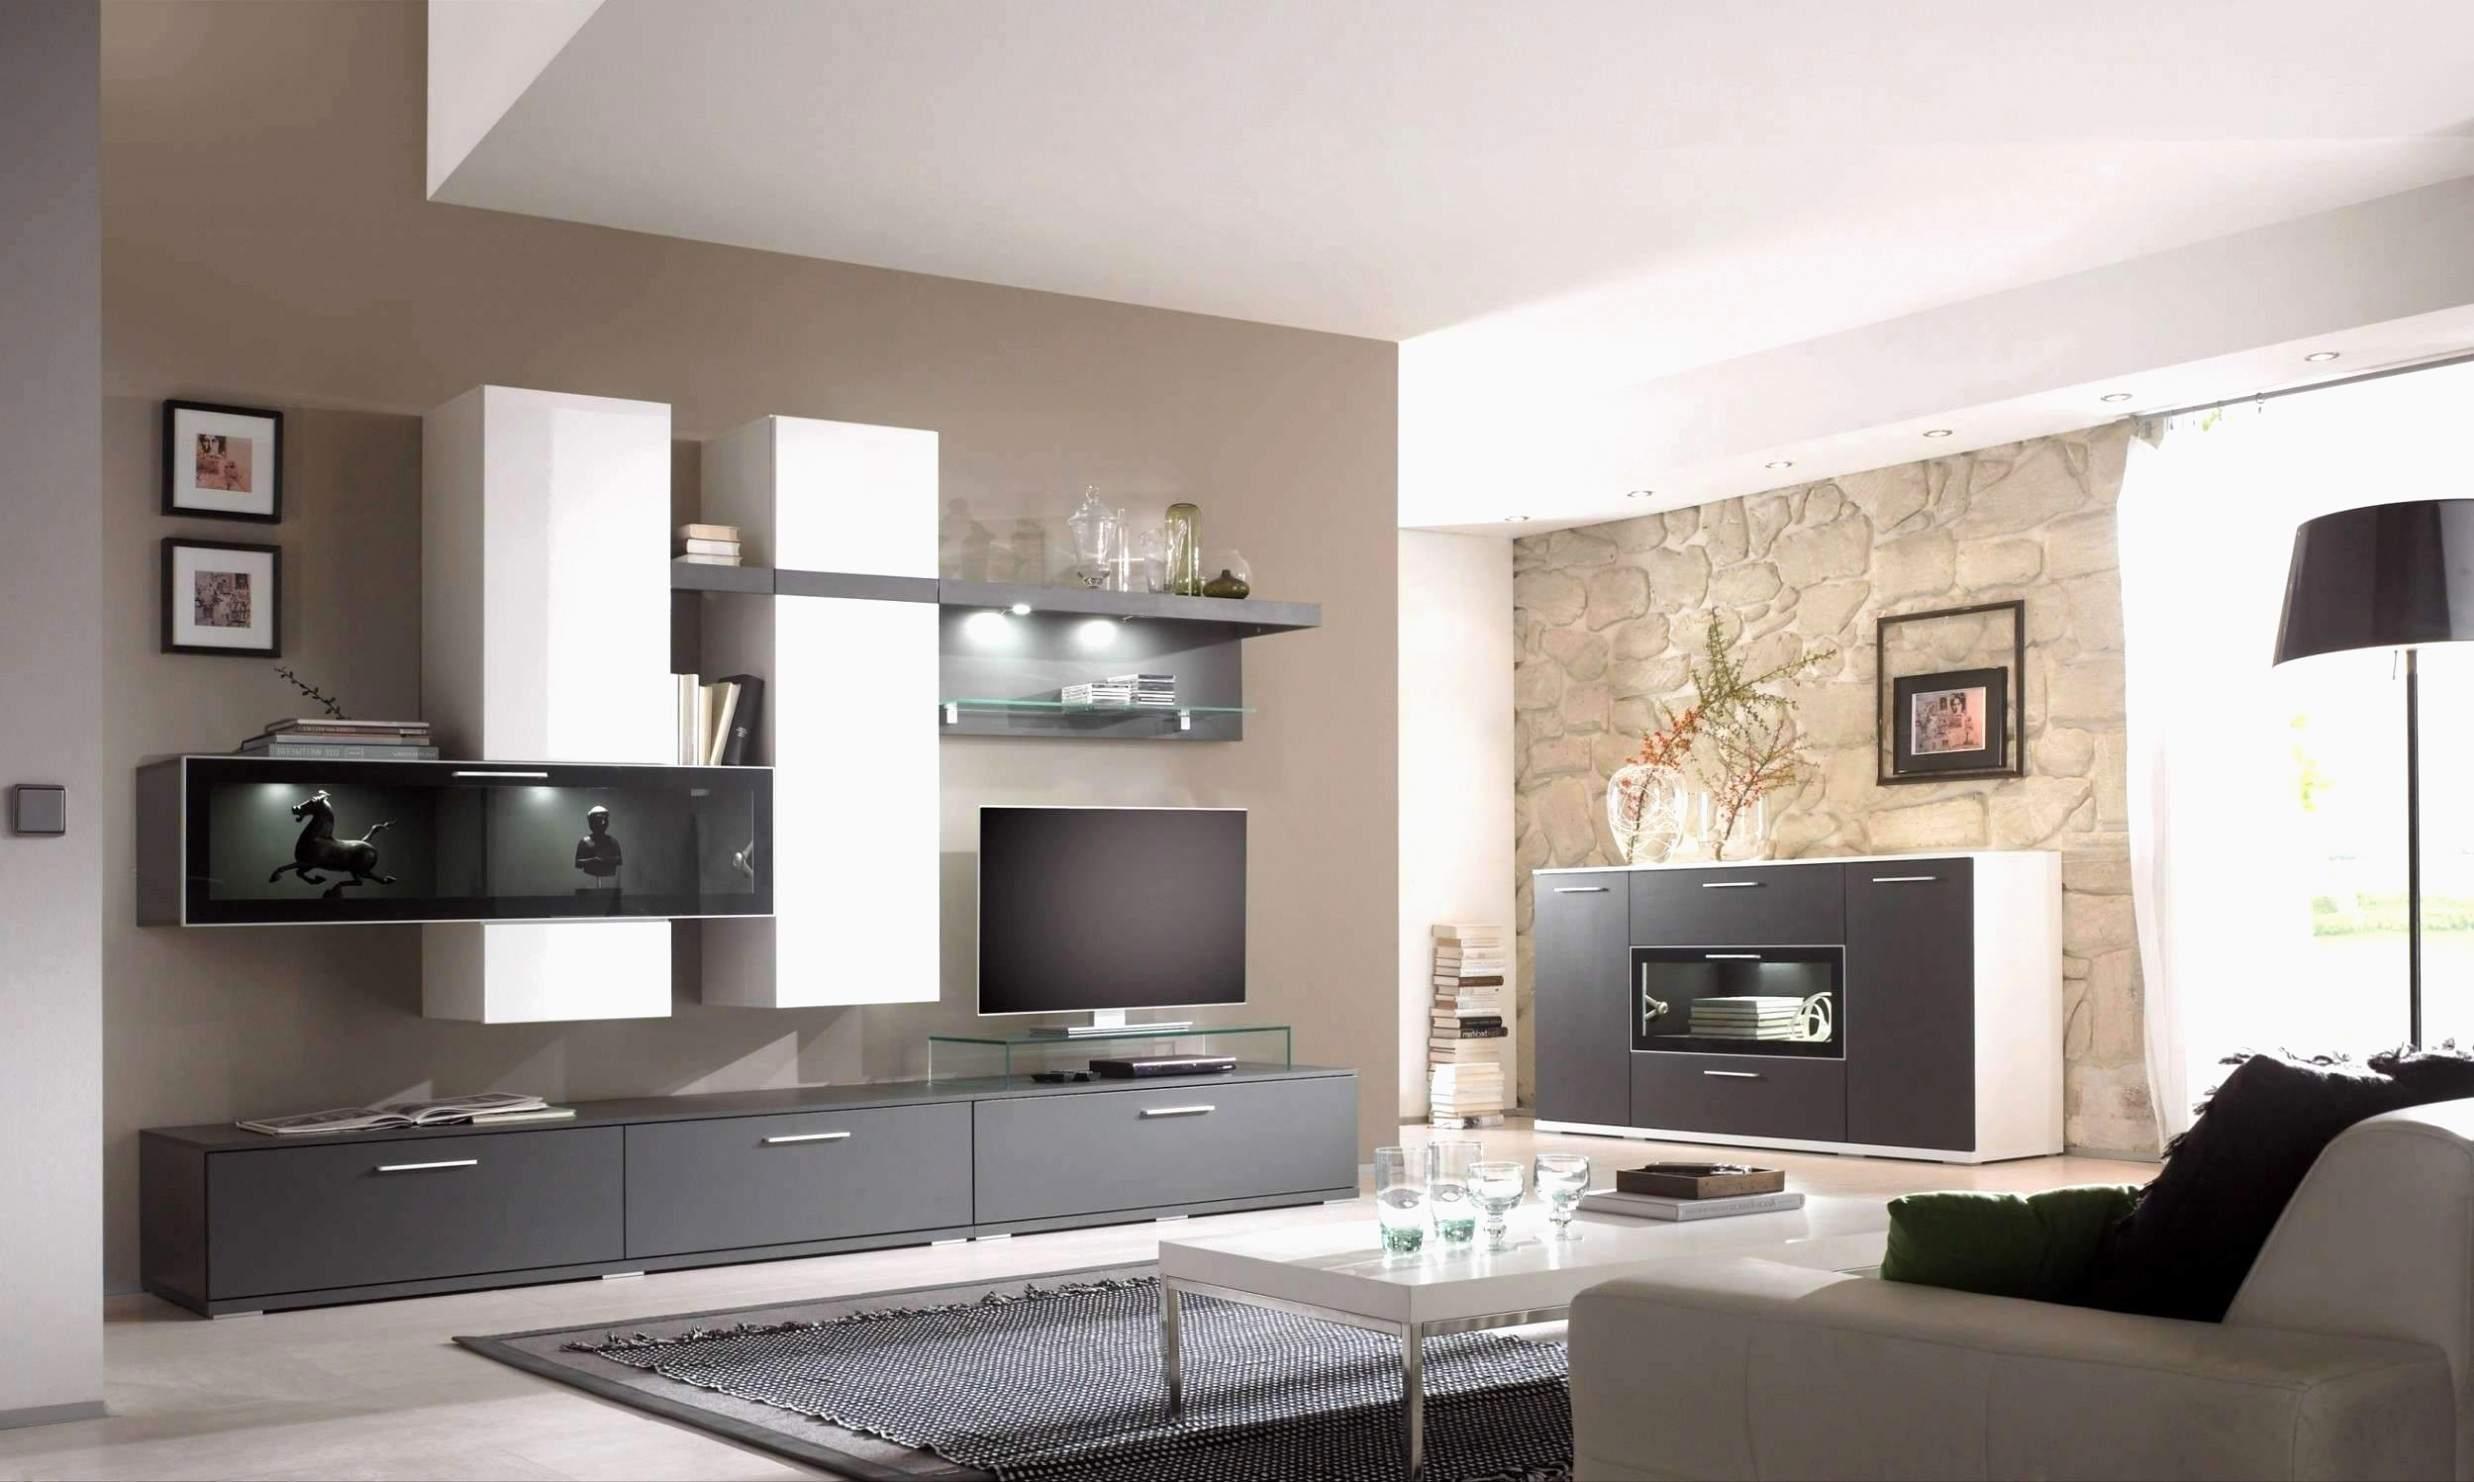 ameisen im wohnzimmer elegant steinwand wohnzimmer kosten neu wohnideen wohnzimmer bilder of ameisen im wohnzimmer